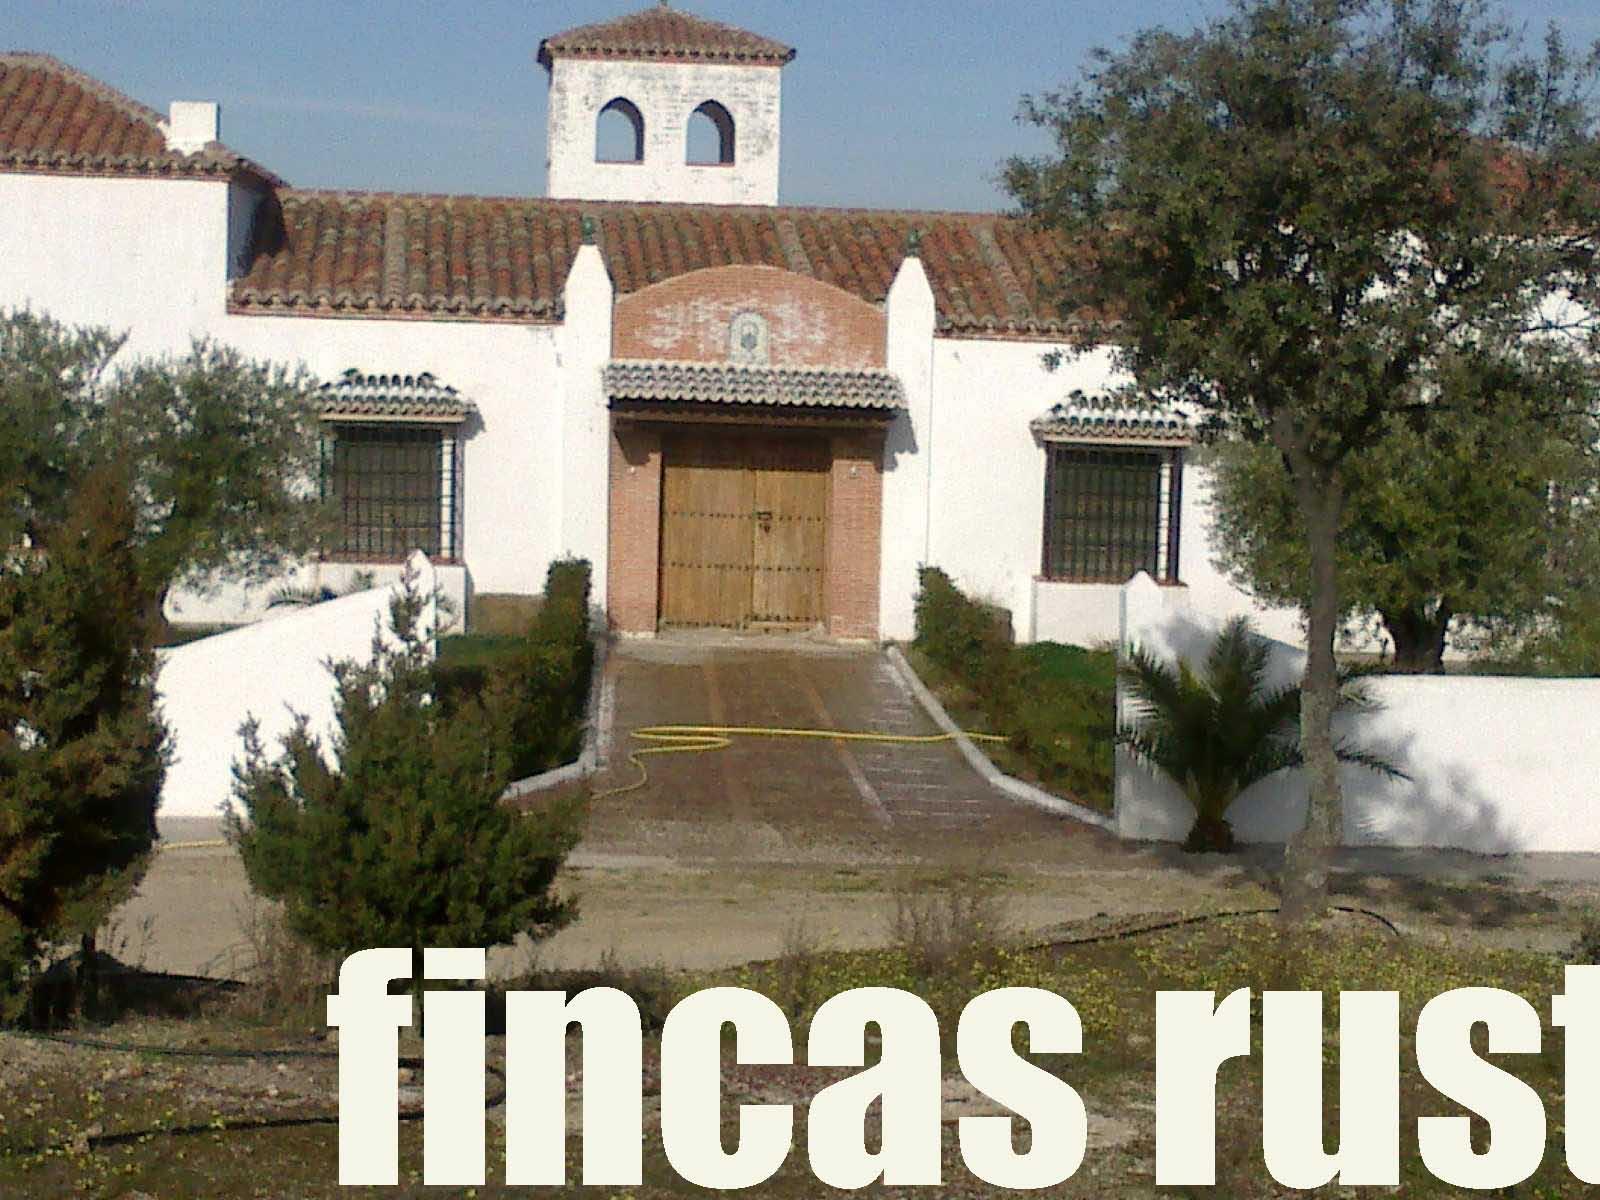 470_fincas-en-venta-6